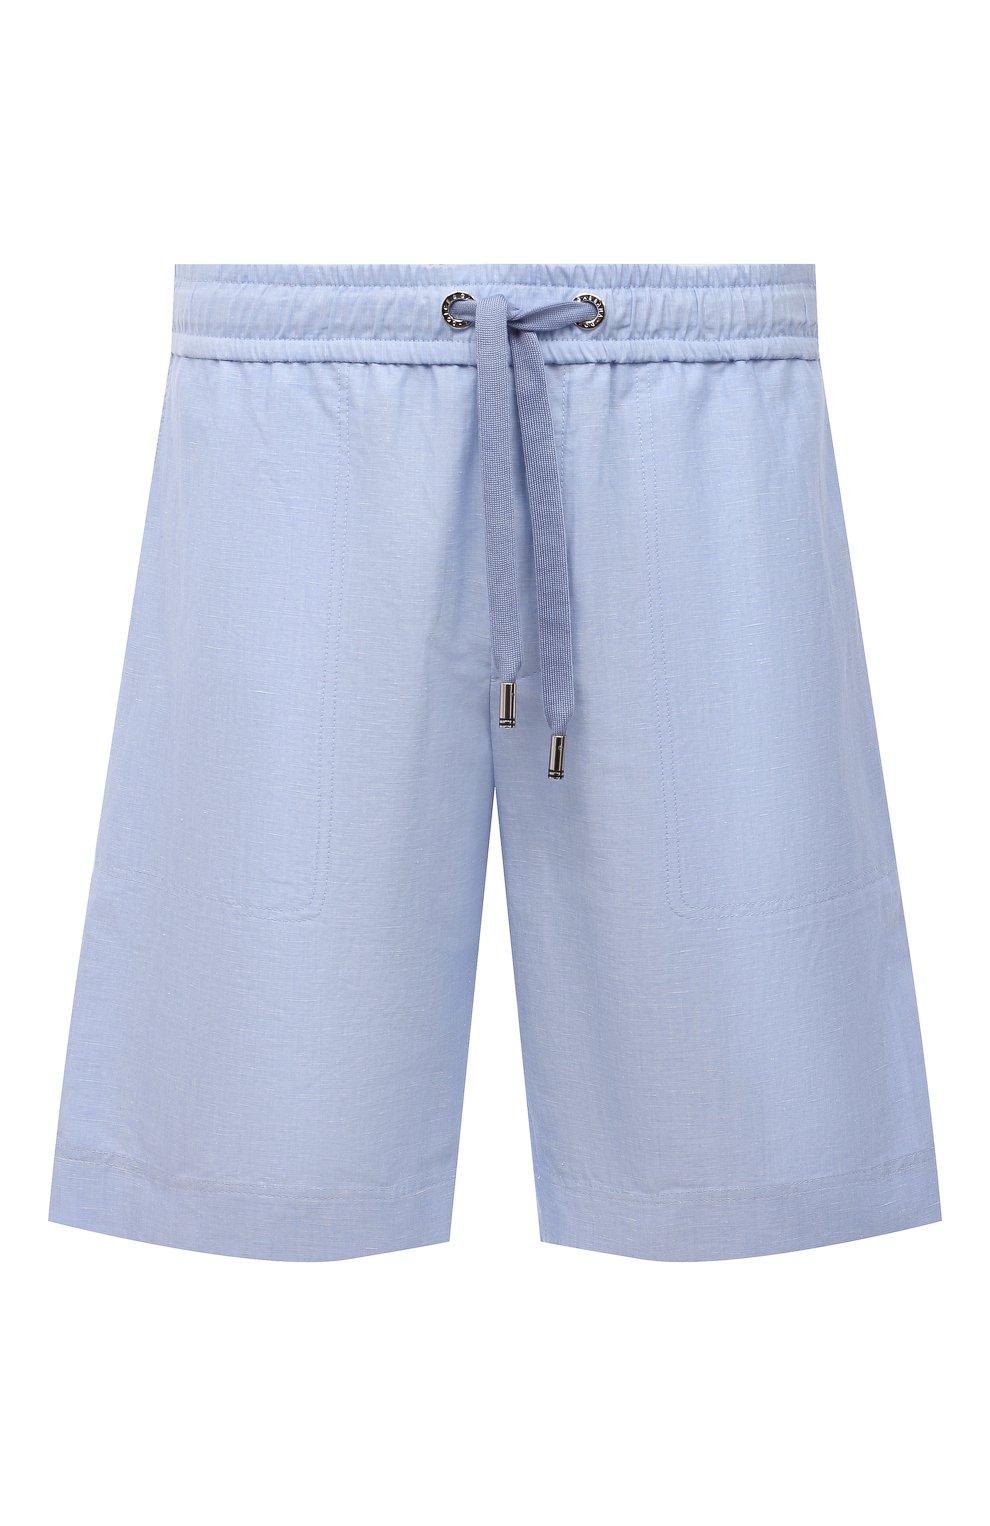 Мужские шорты изо льна и хлопка DOLCE & GABBANA голубого цвета, арт. GYUBAZ/FU4F6 | Фото 1 (Мужское Кросс-КТ: Шорты-одежда; Длина Шорты М: До колена; Принт: Без принта; Материал внешний: Хлопок, Лен; Стили: Кэжуэл)